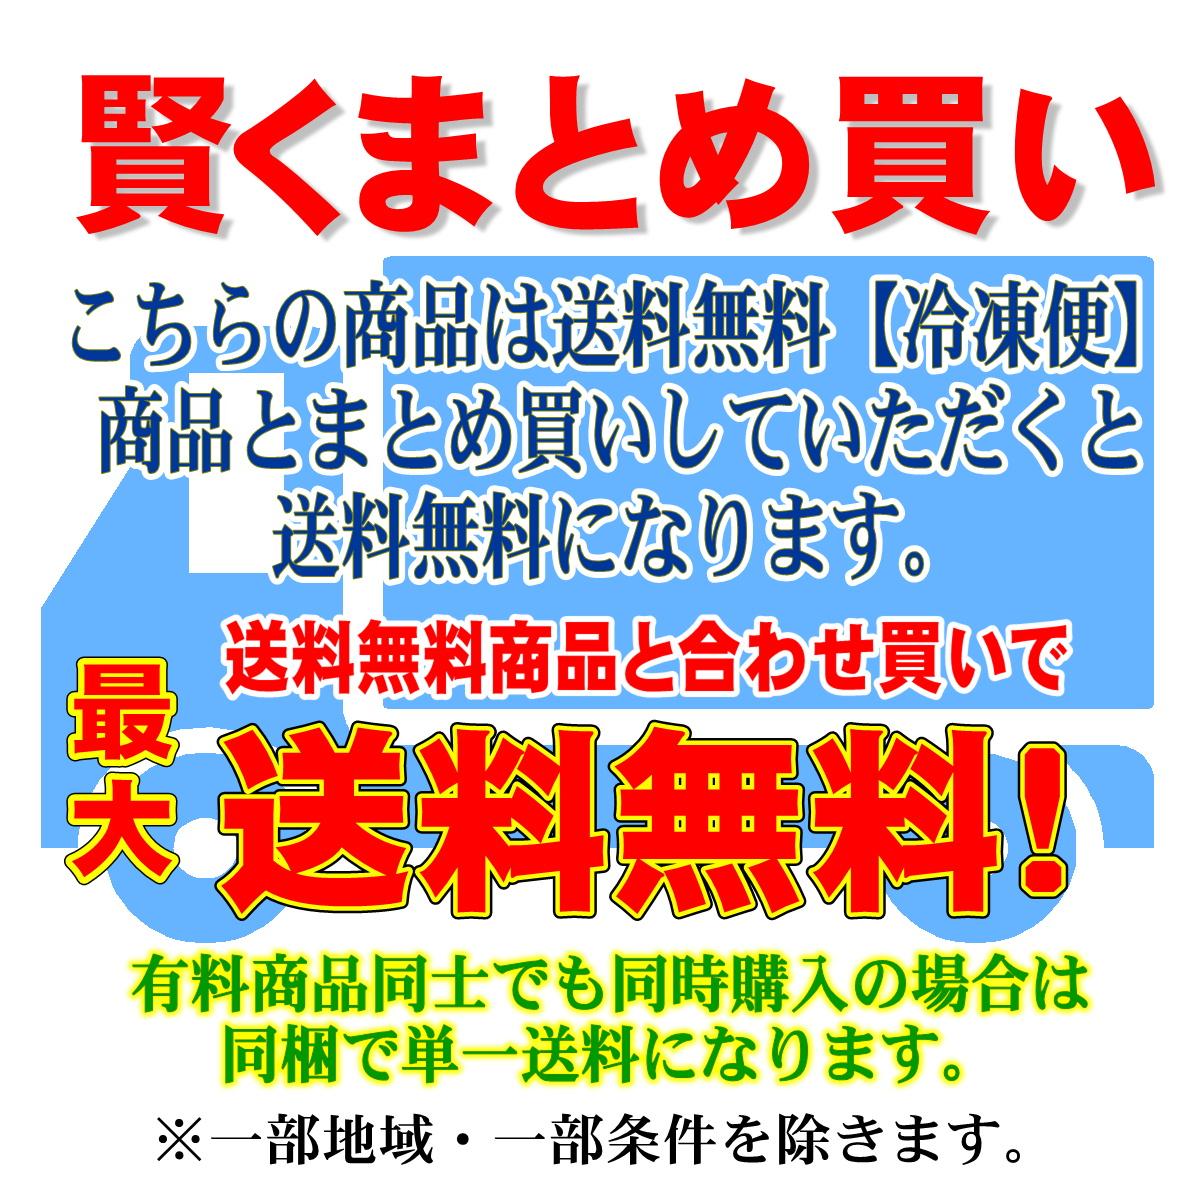 うるめいわし丸干し 【1kg】◇お得な送料設定あり(2個まで同梱可能)